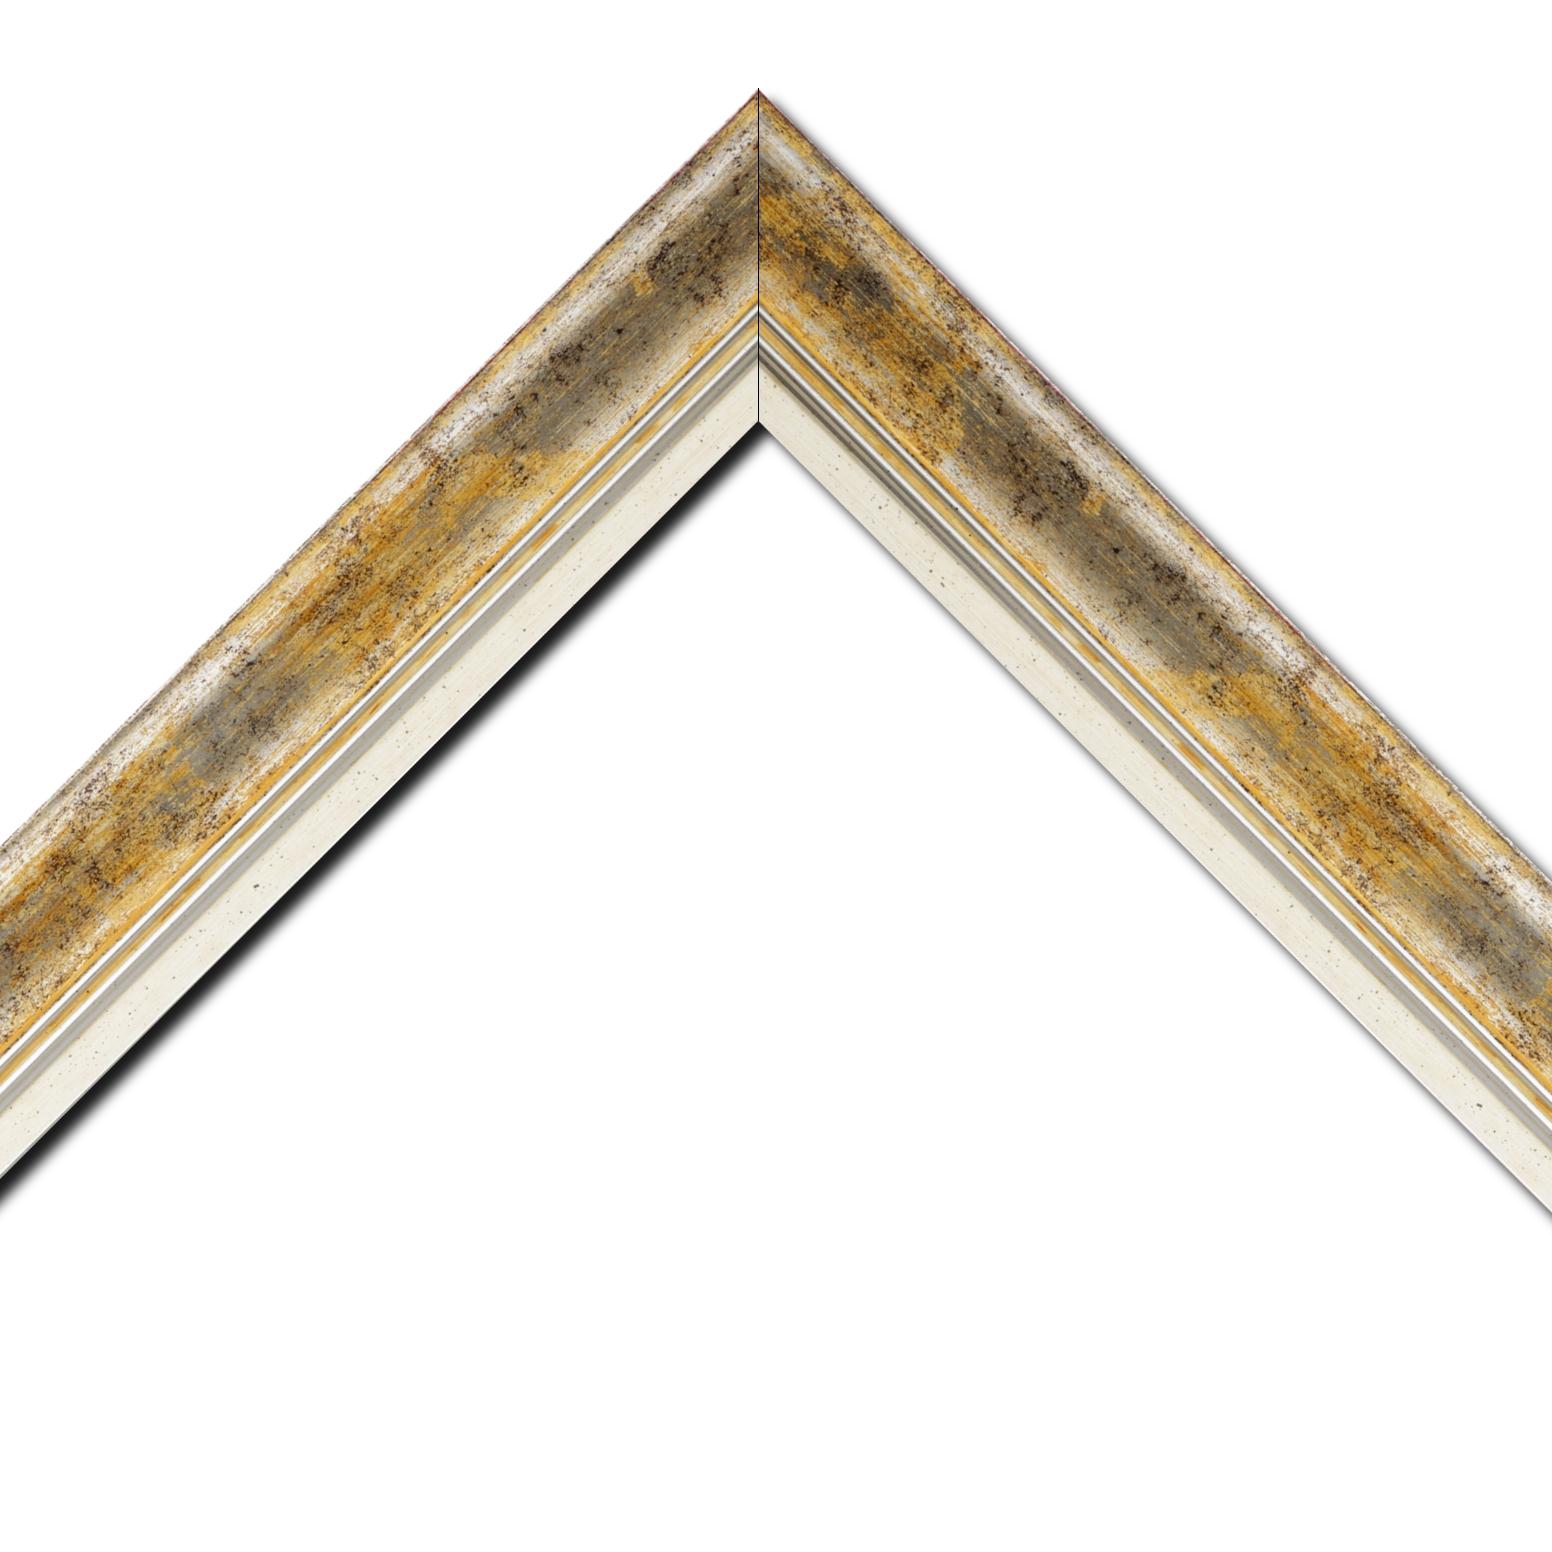 Baguette bois profil incurvé largeur 5.7cm de couleur jaune fond argent marie louise blanche mouchetée filet argent intégré